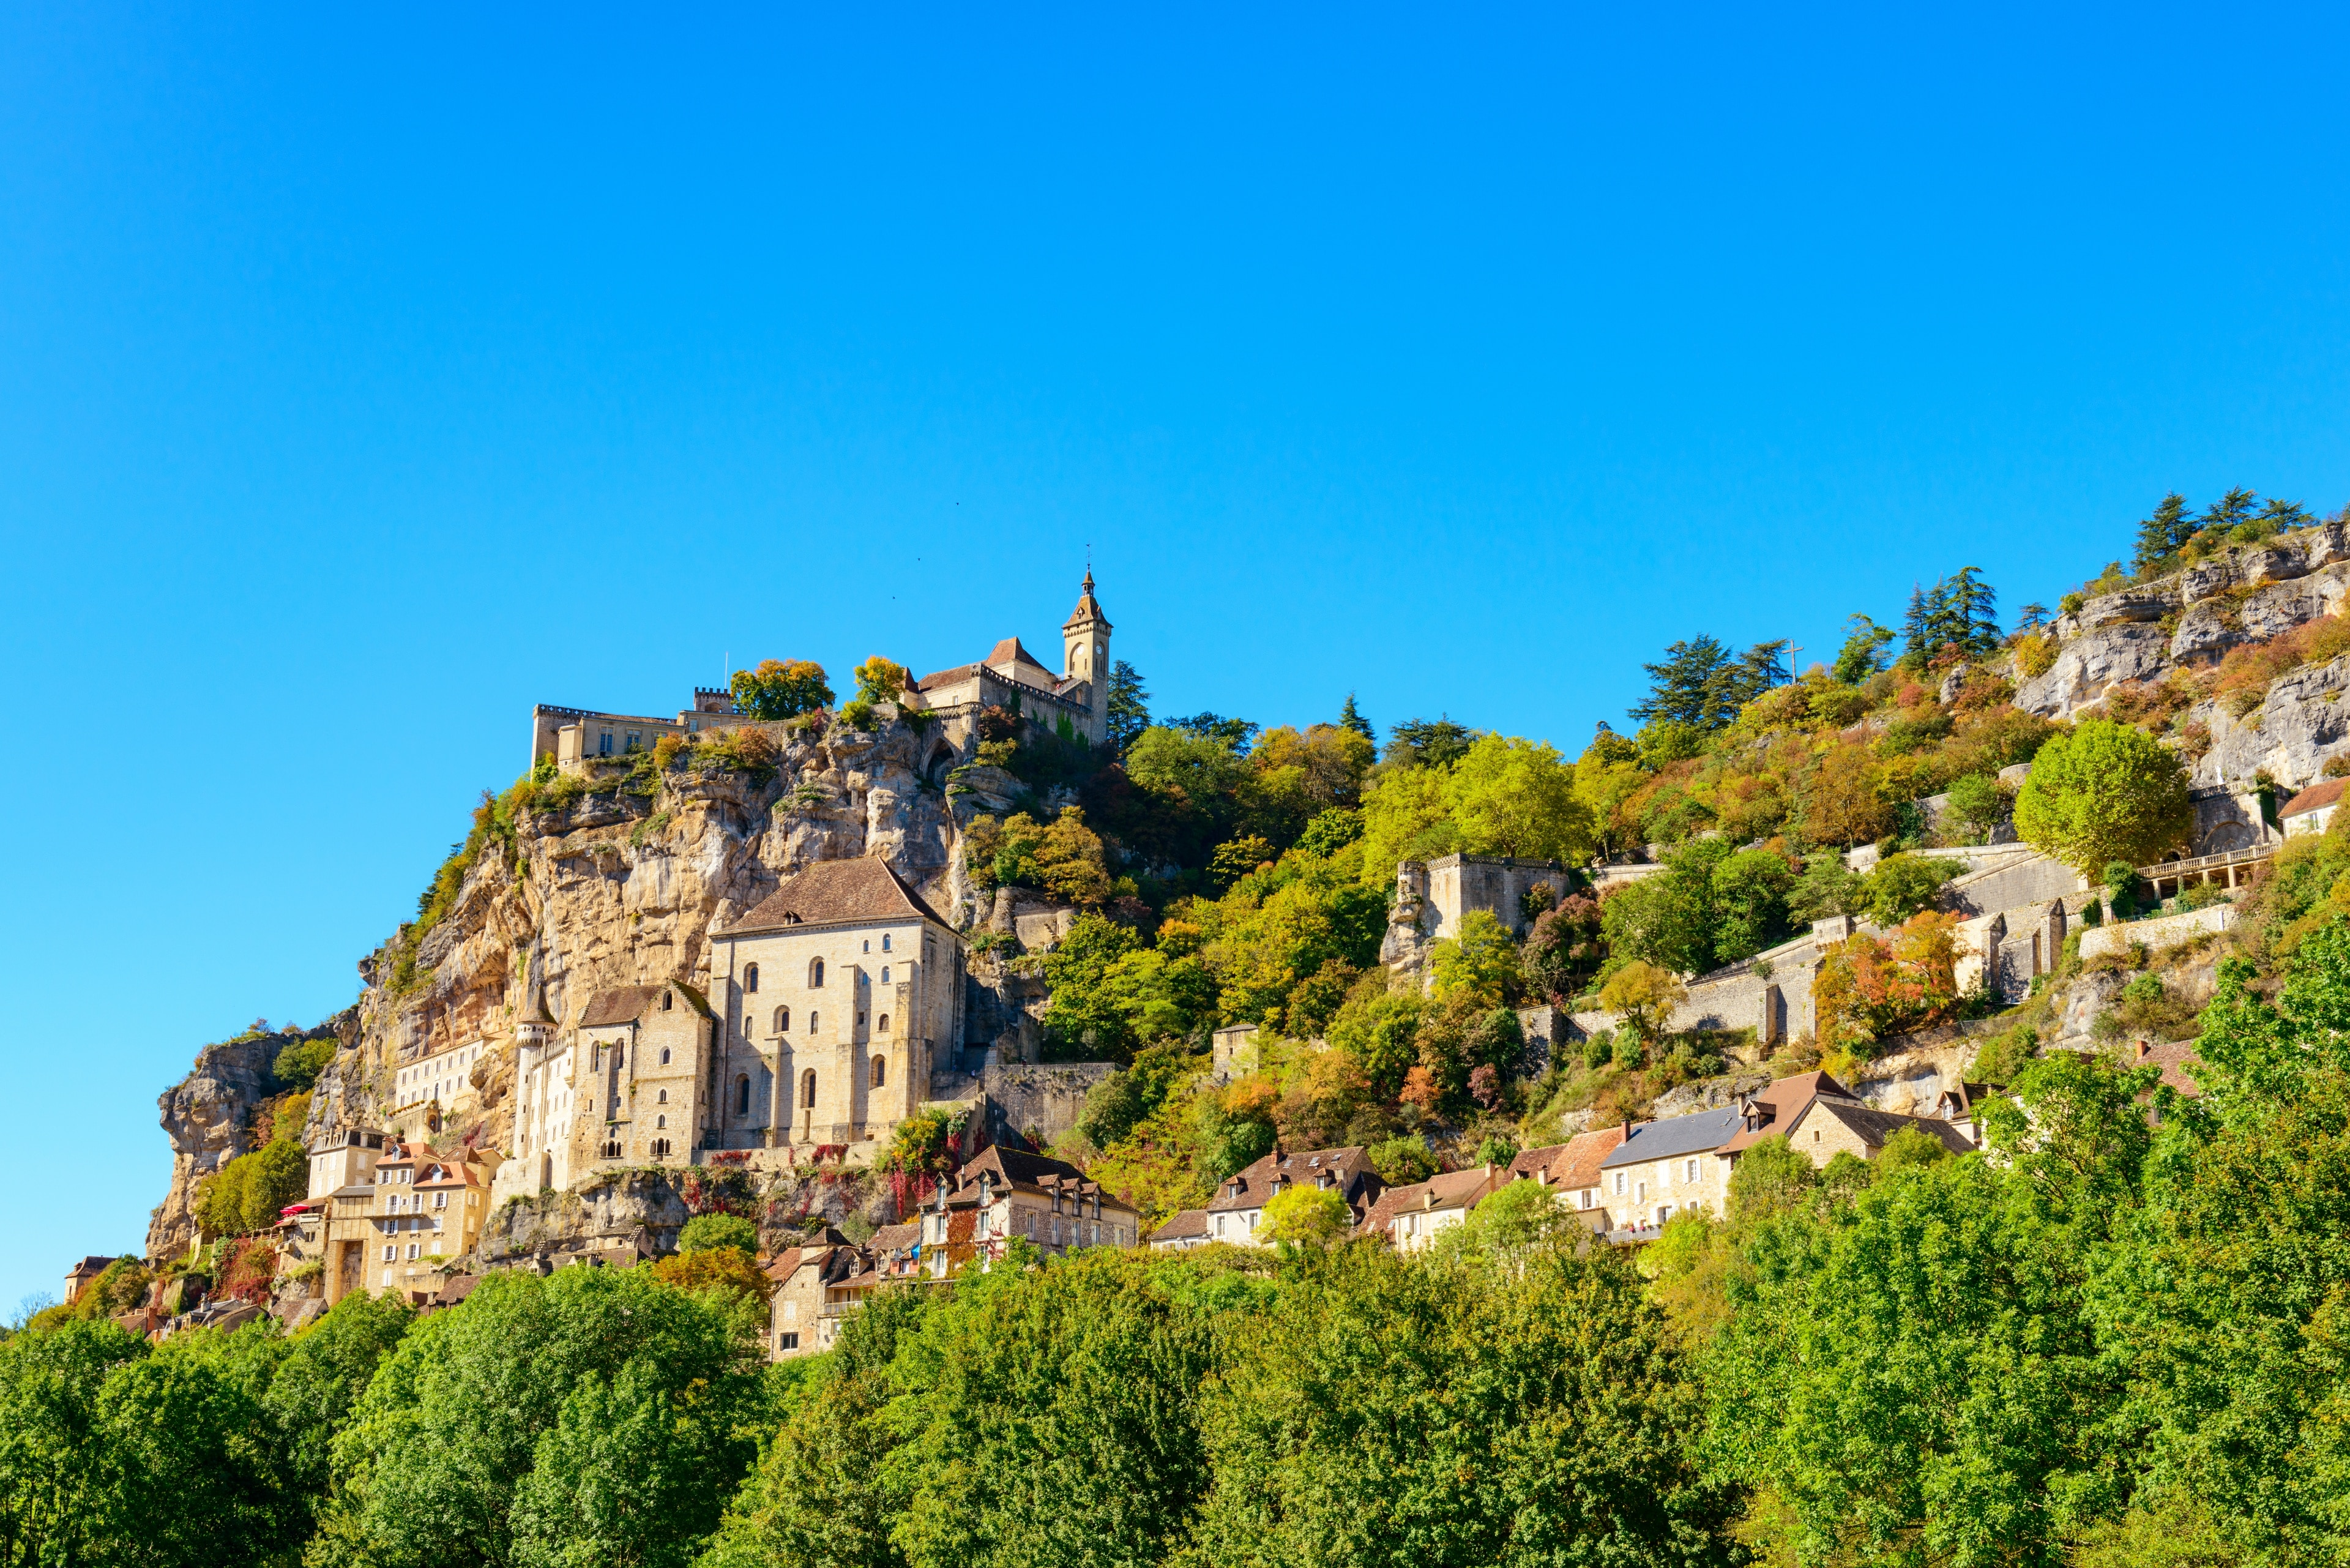 Causses du Quercy Regional Natural Park, Lot, France